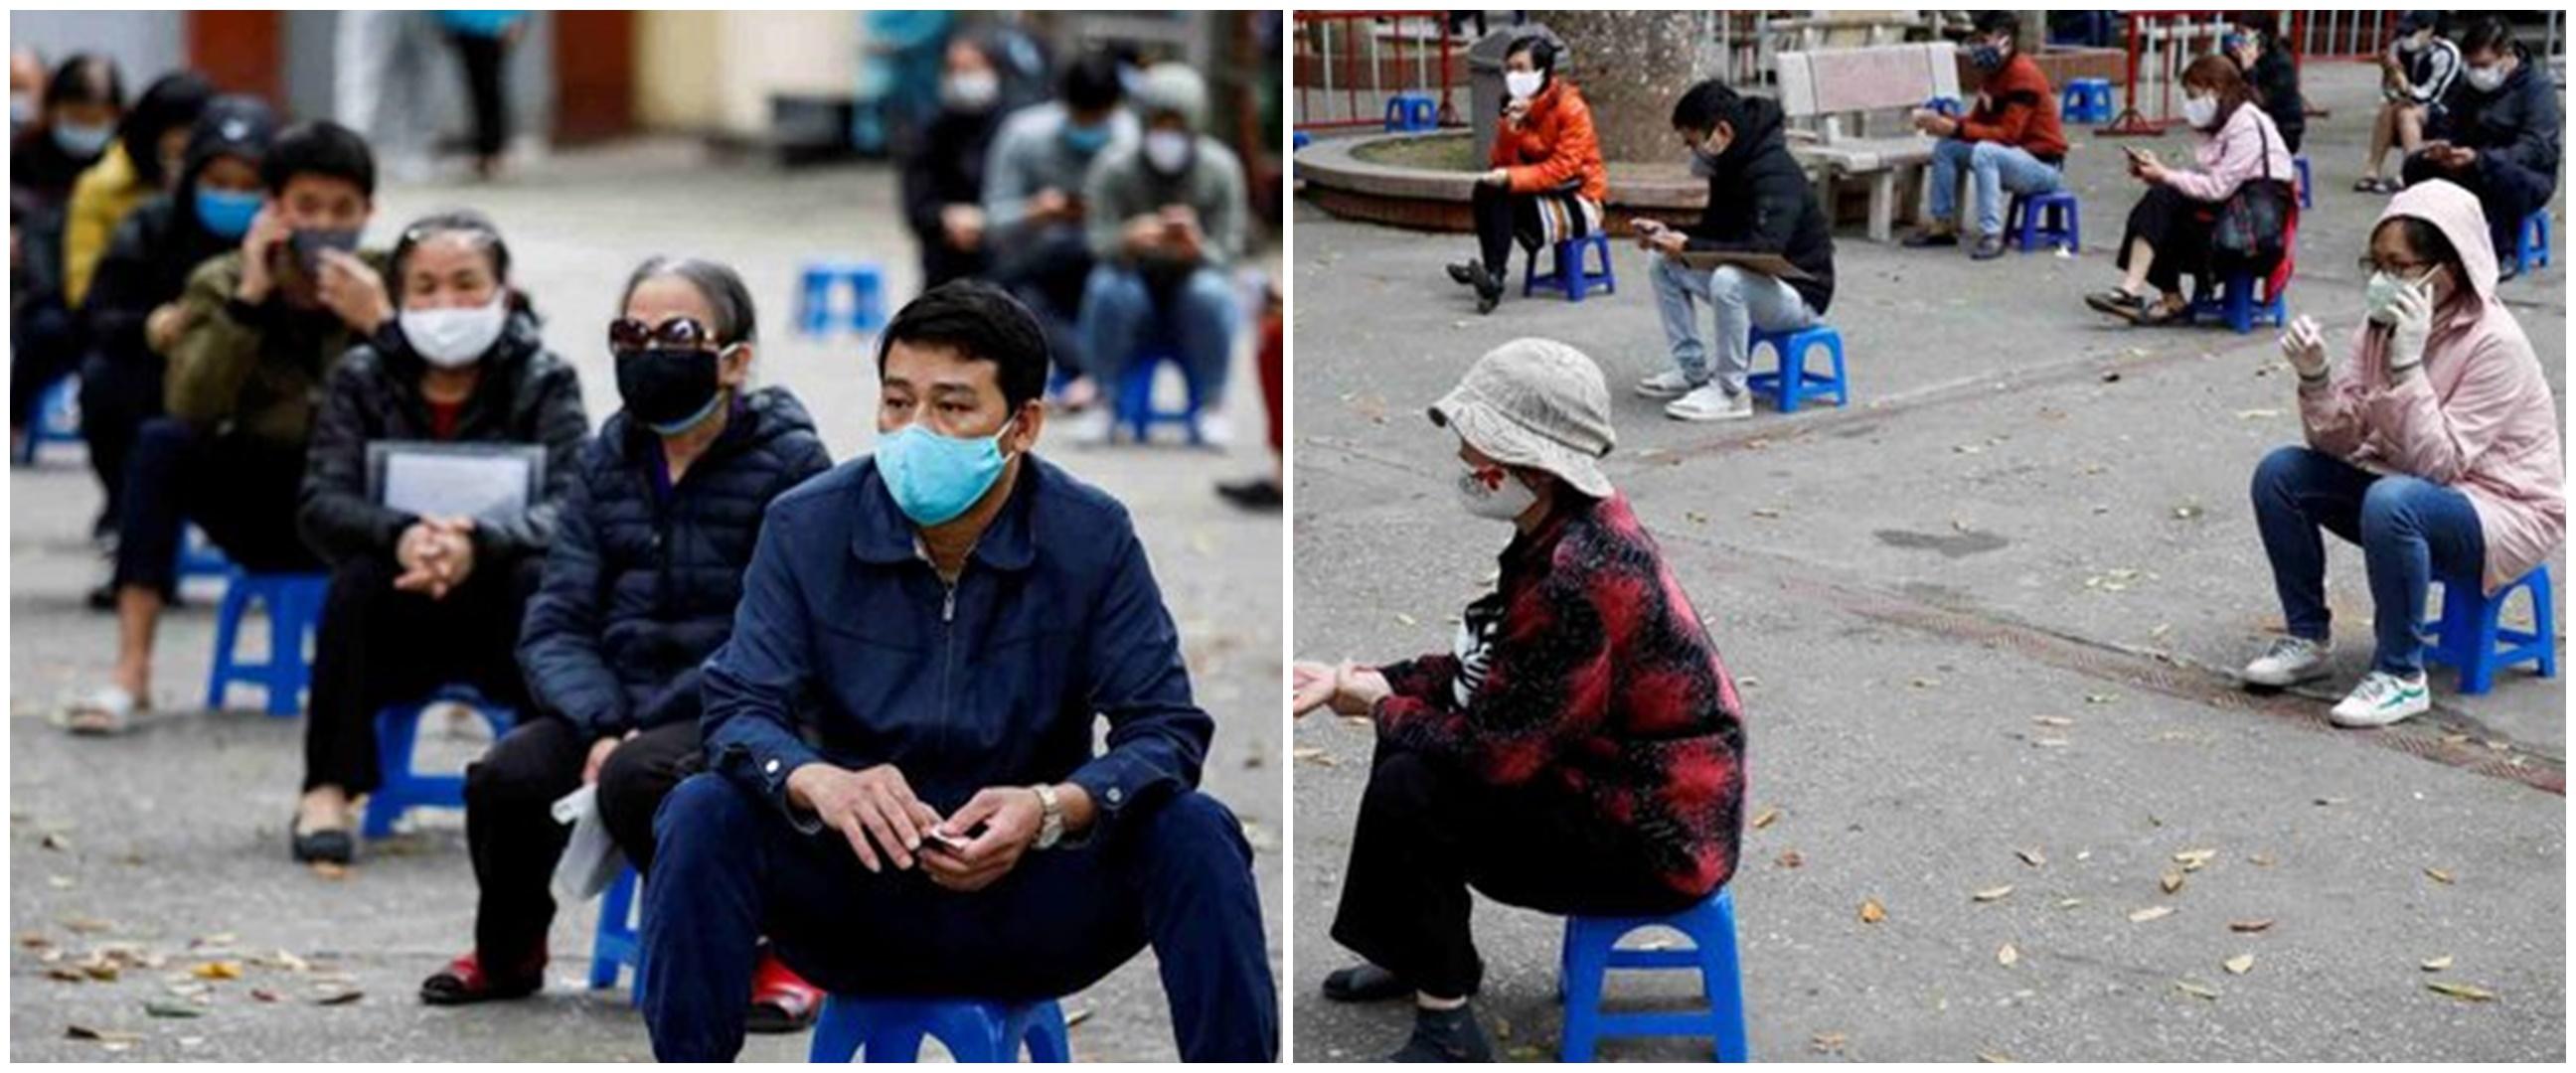 Dampak psikologis karena social distancing selama pandemi corona